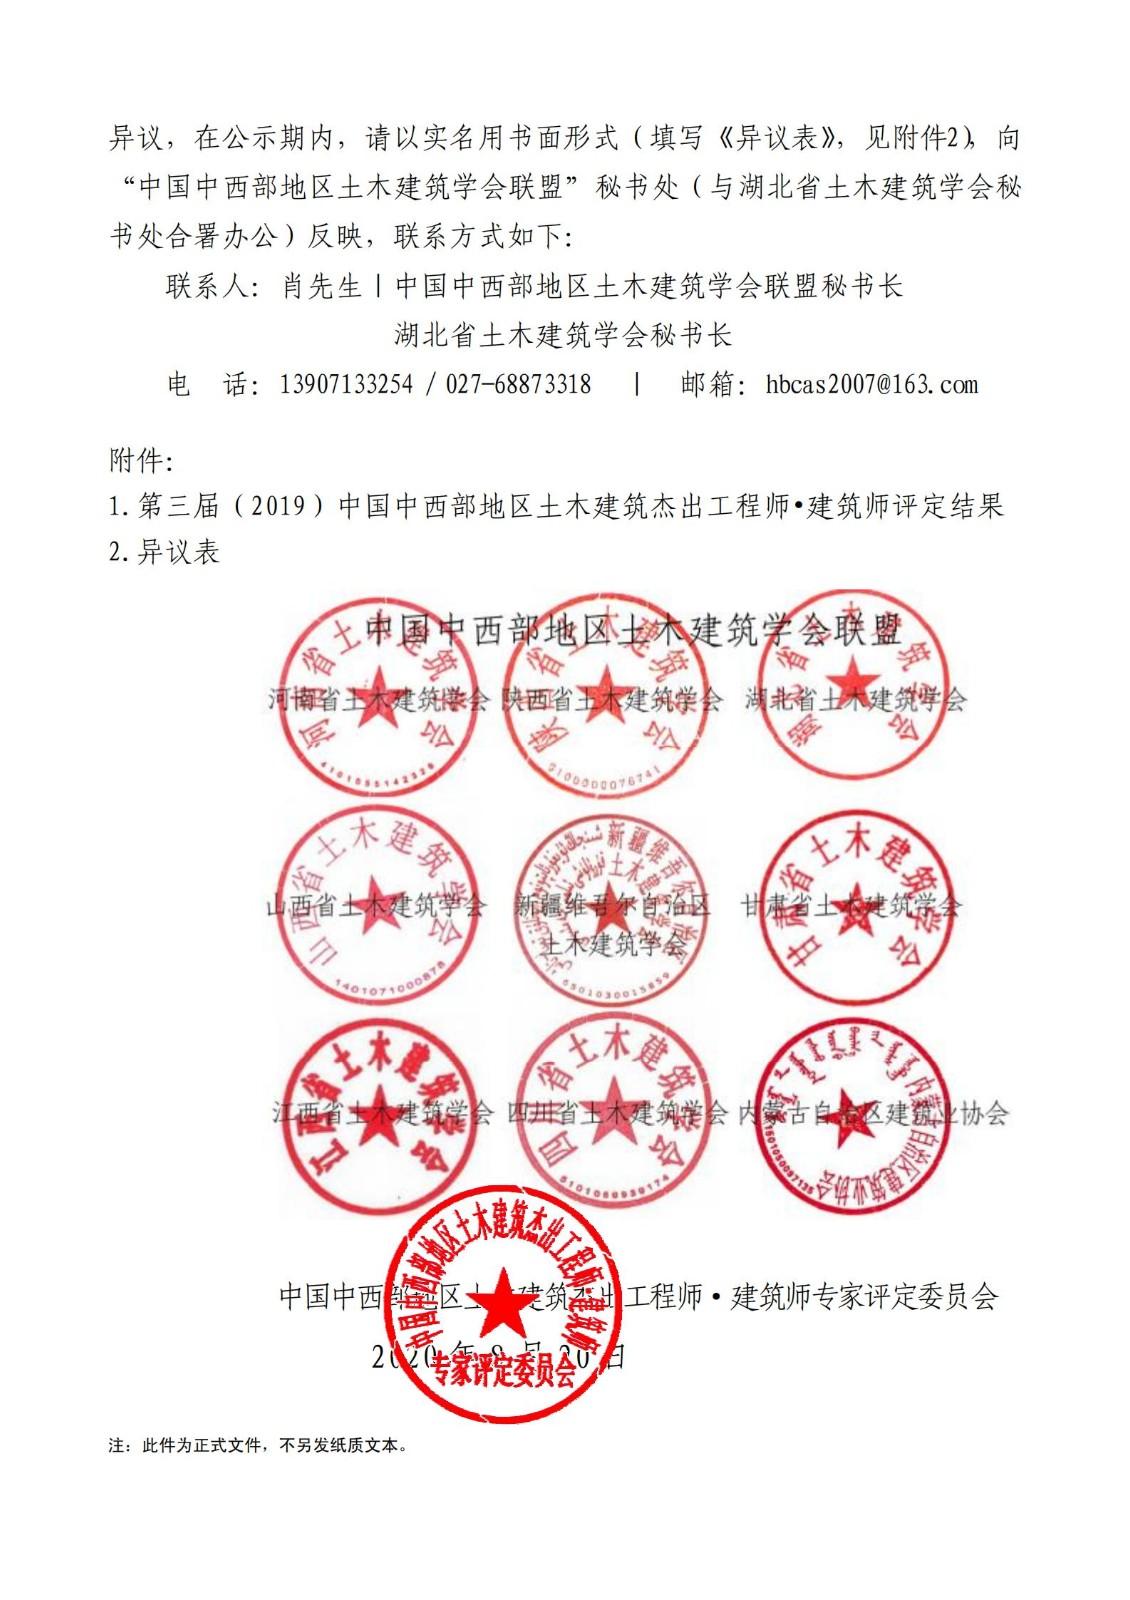 盟字2020-10号 关于公示第三届(2019)双杰评定结果的通知_01.jpg